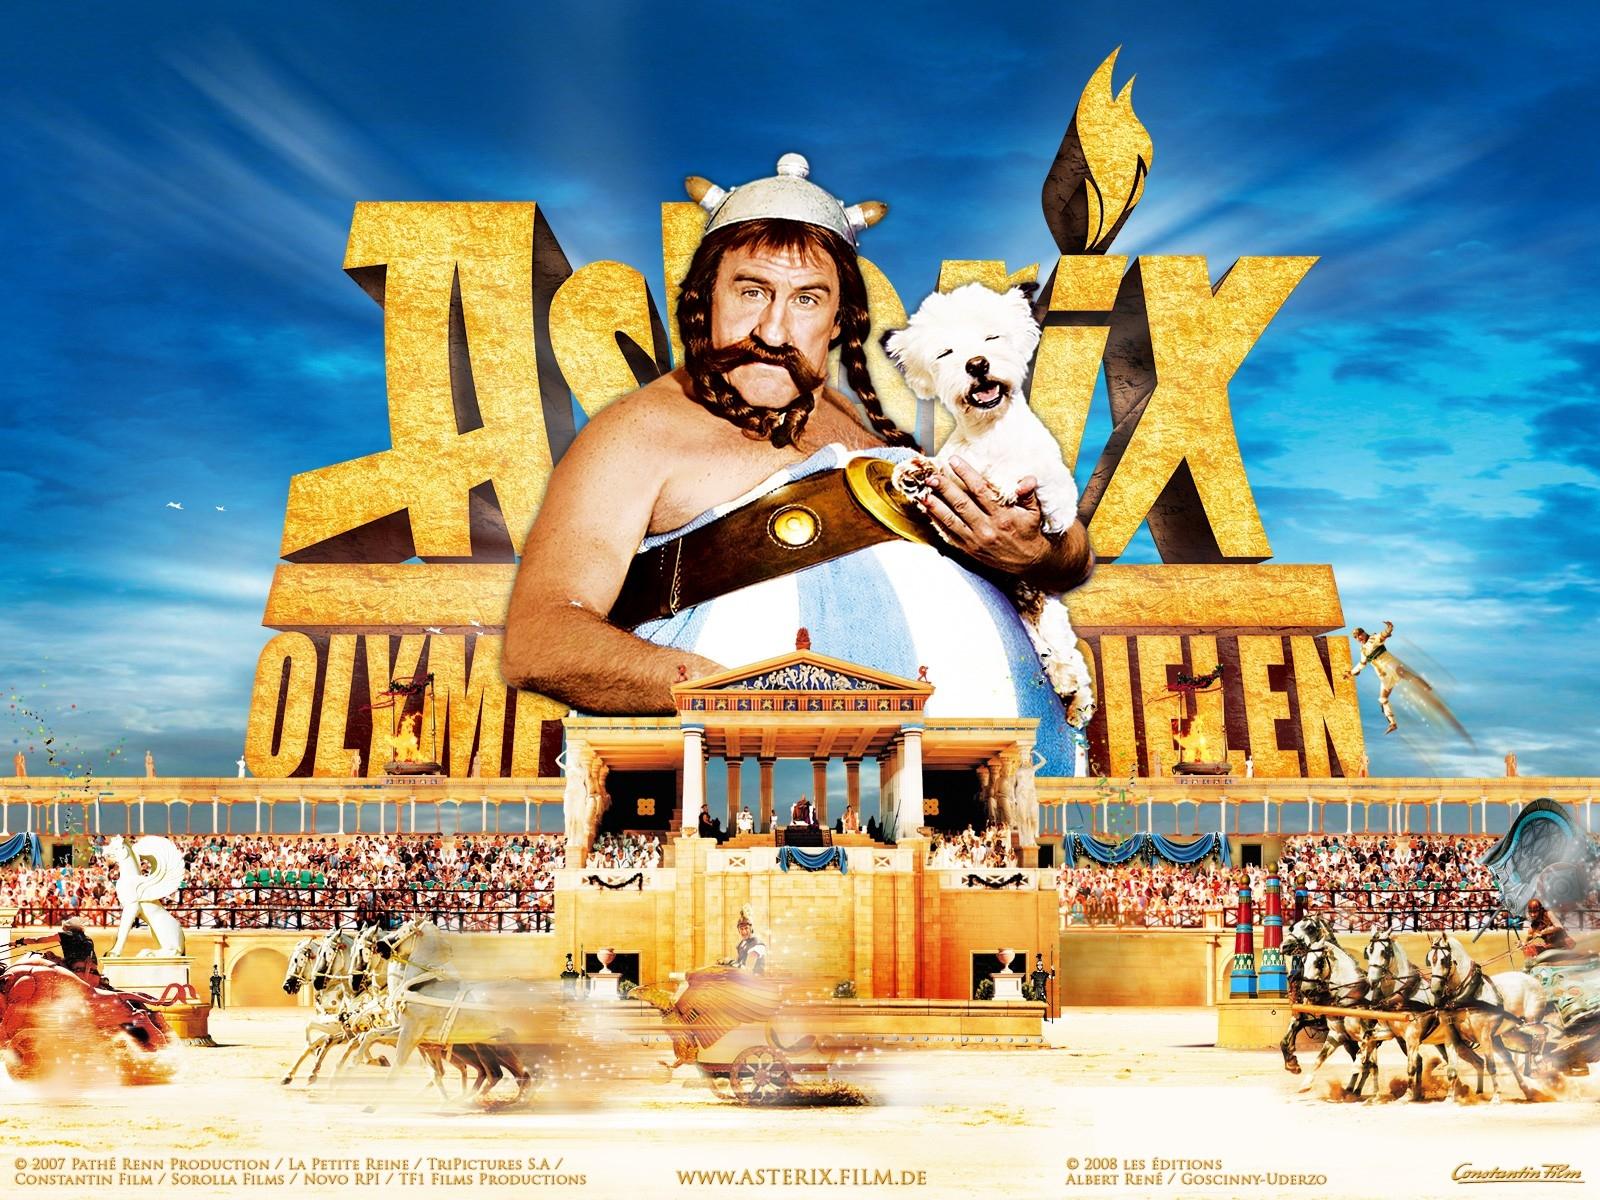 Wallpaper del film Asterix alle Olimpiadi con Depardieu